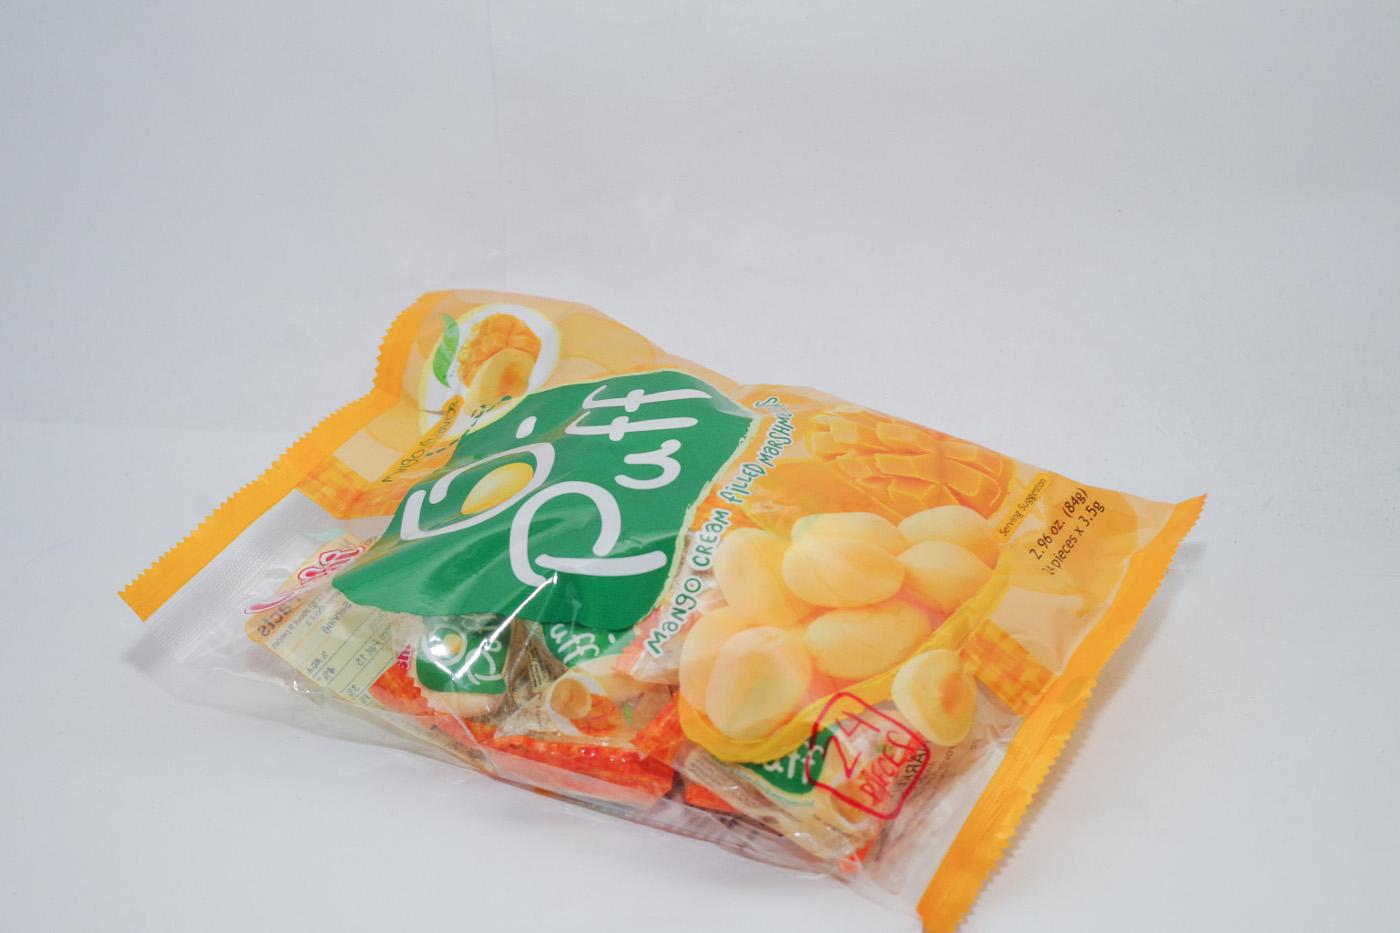 マンゴーマシュマロのパッケージ